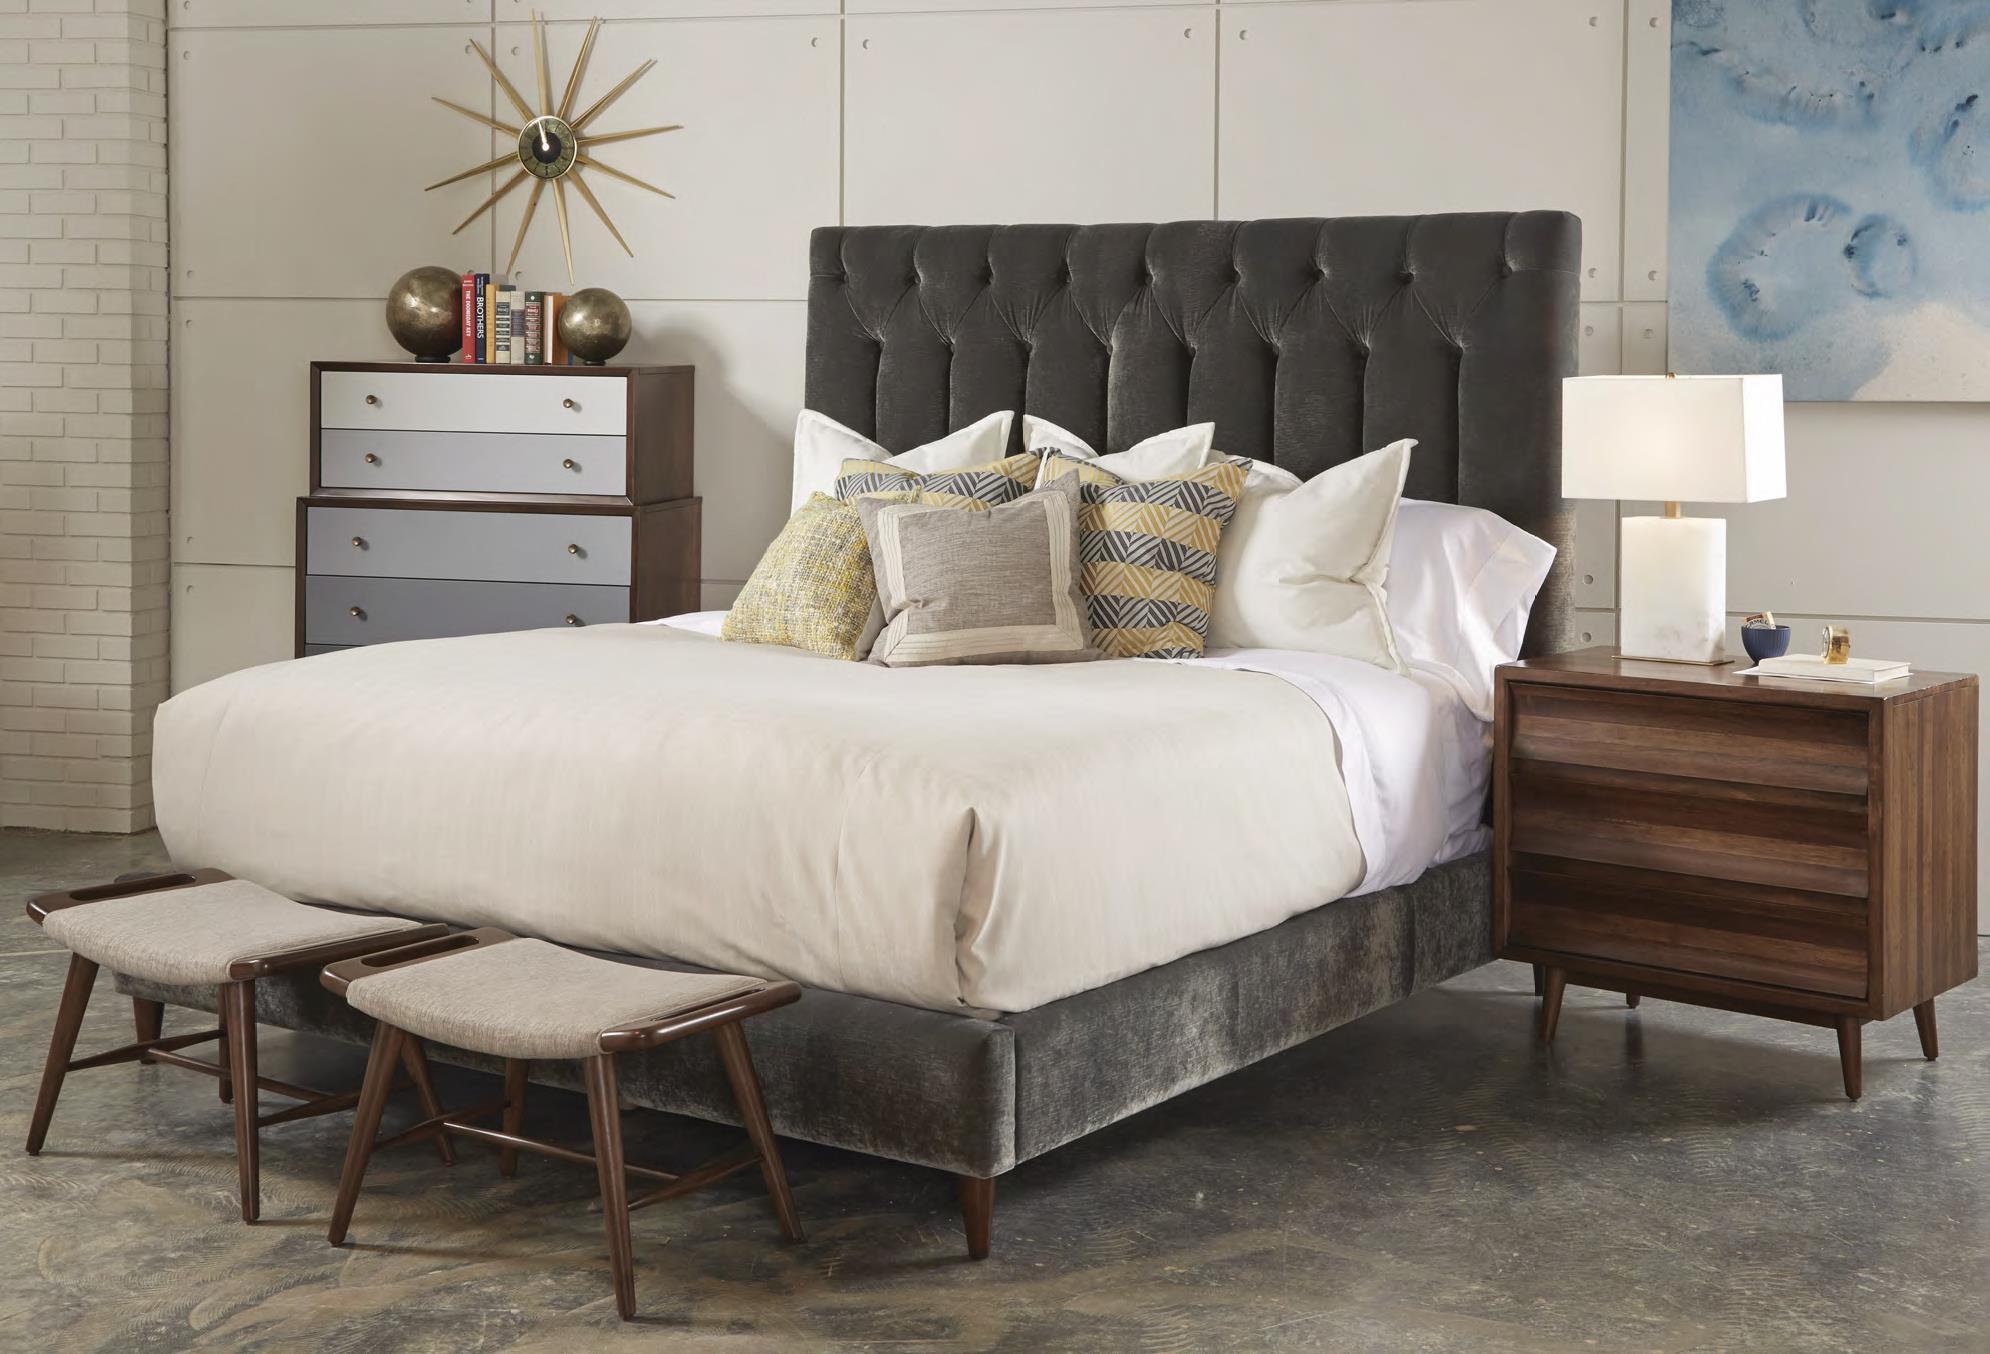 Belfort Signature Urban Treasures King Bedroom Group - Item Number: 223000-1812 K Bedroom Group 4